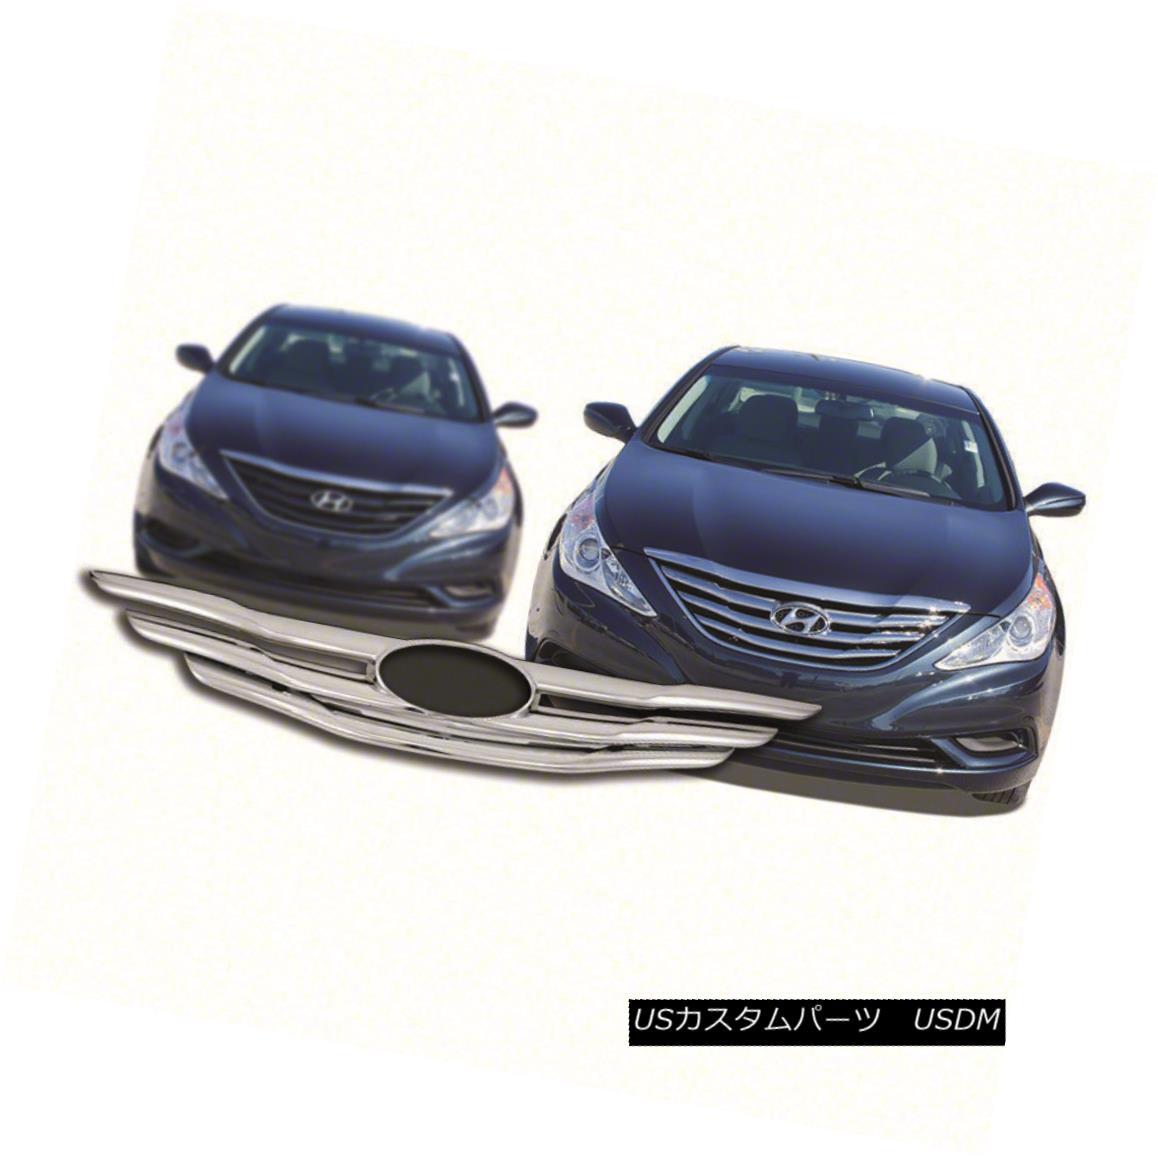 グリル IWCGI97-Fits 2011-12 Hyundai Sonata-Chrome Grille Overlay IWCGI97-Fits 2011-12 Hyundai Sonata-Chrome Grille Overlay